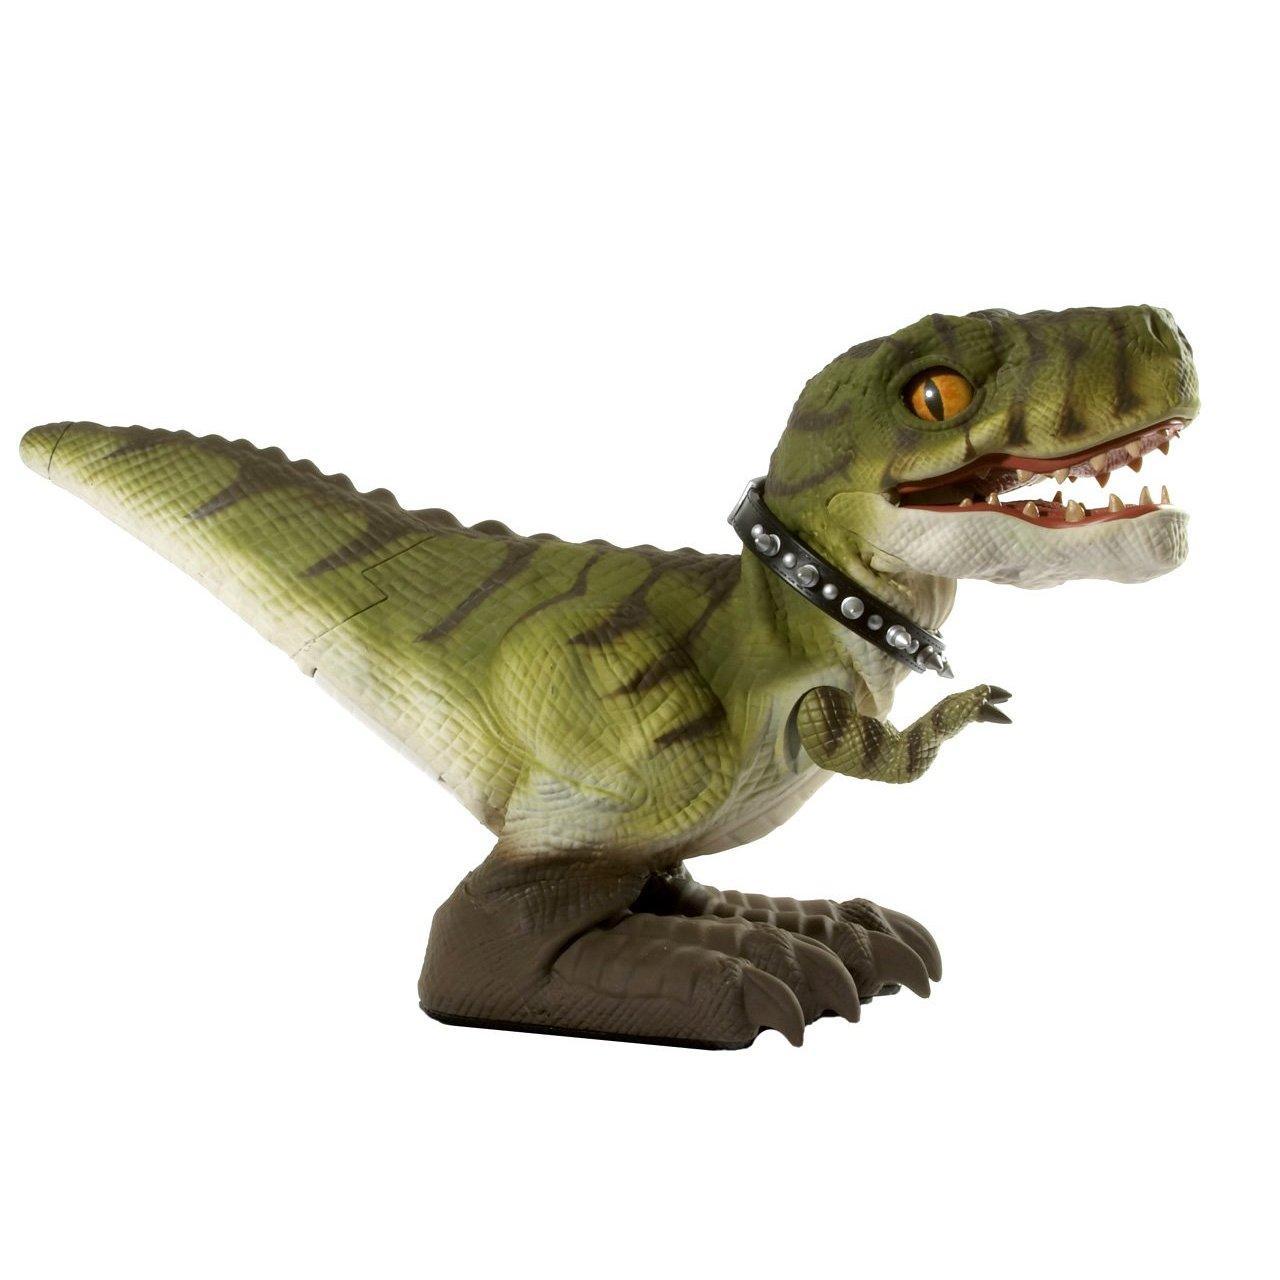 Shop D-Rex Interactive Dinosaur - Overstock - 5543084